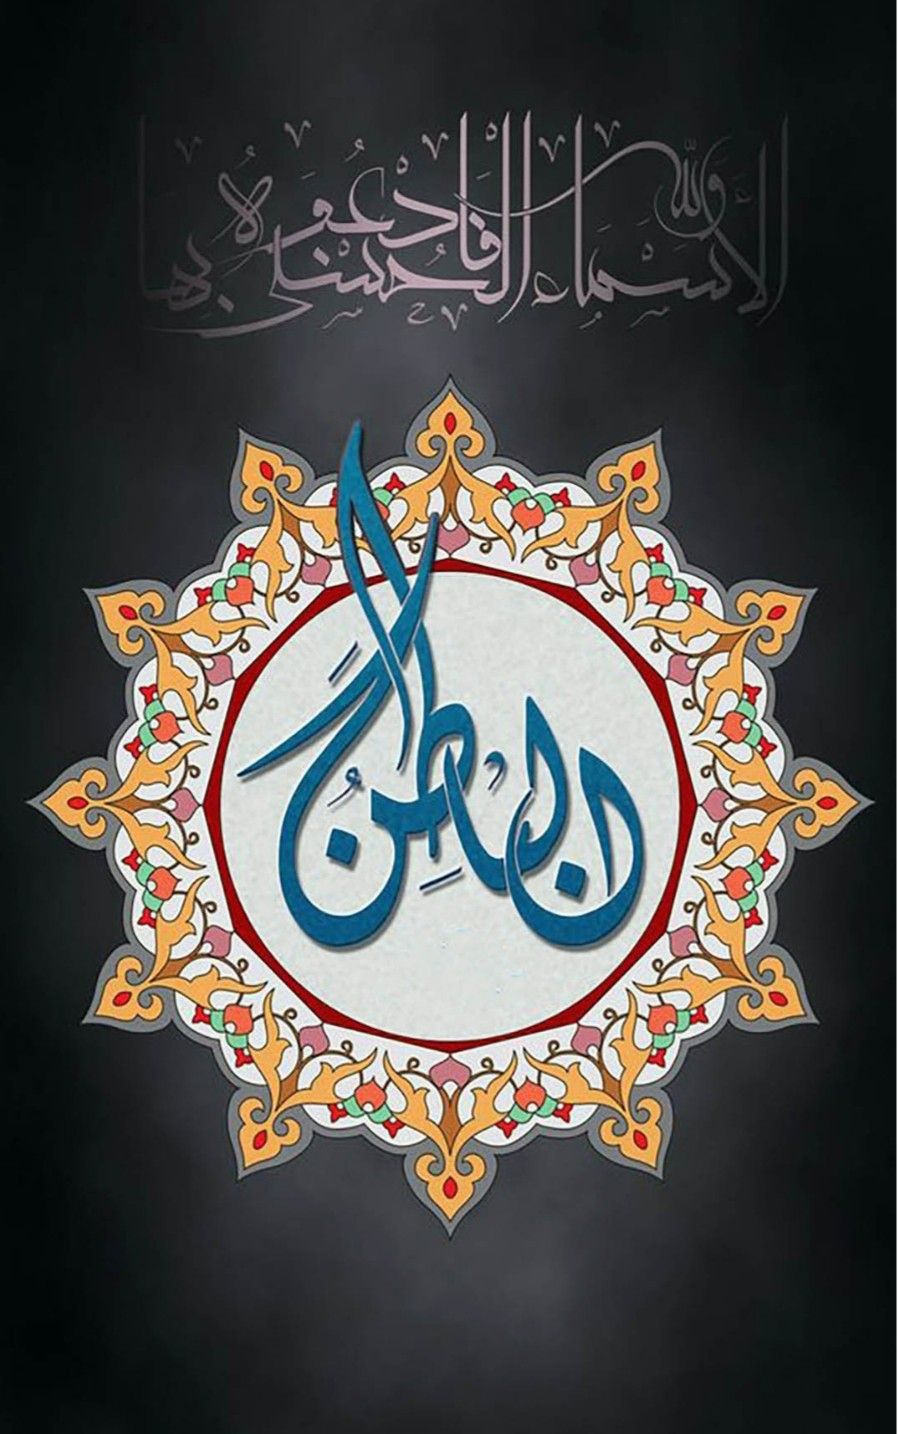 aayline çetin adlı kullanıcının İslami panosundaki Pin